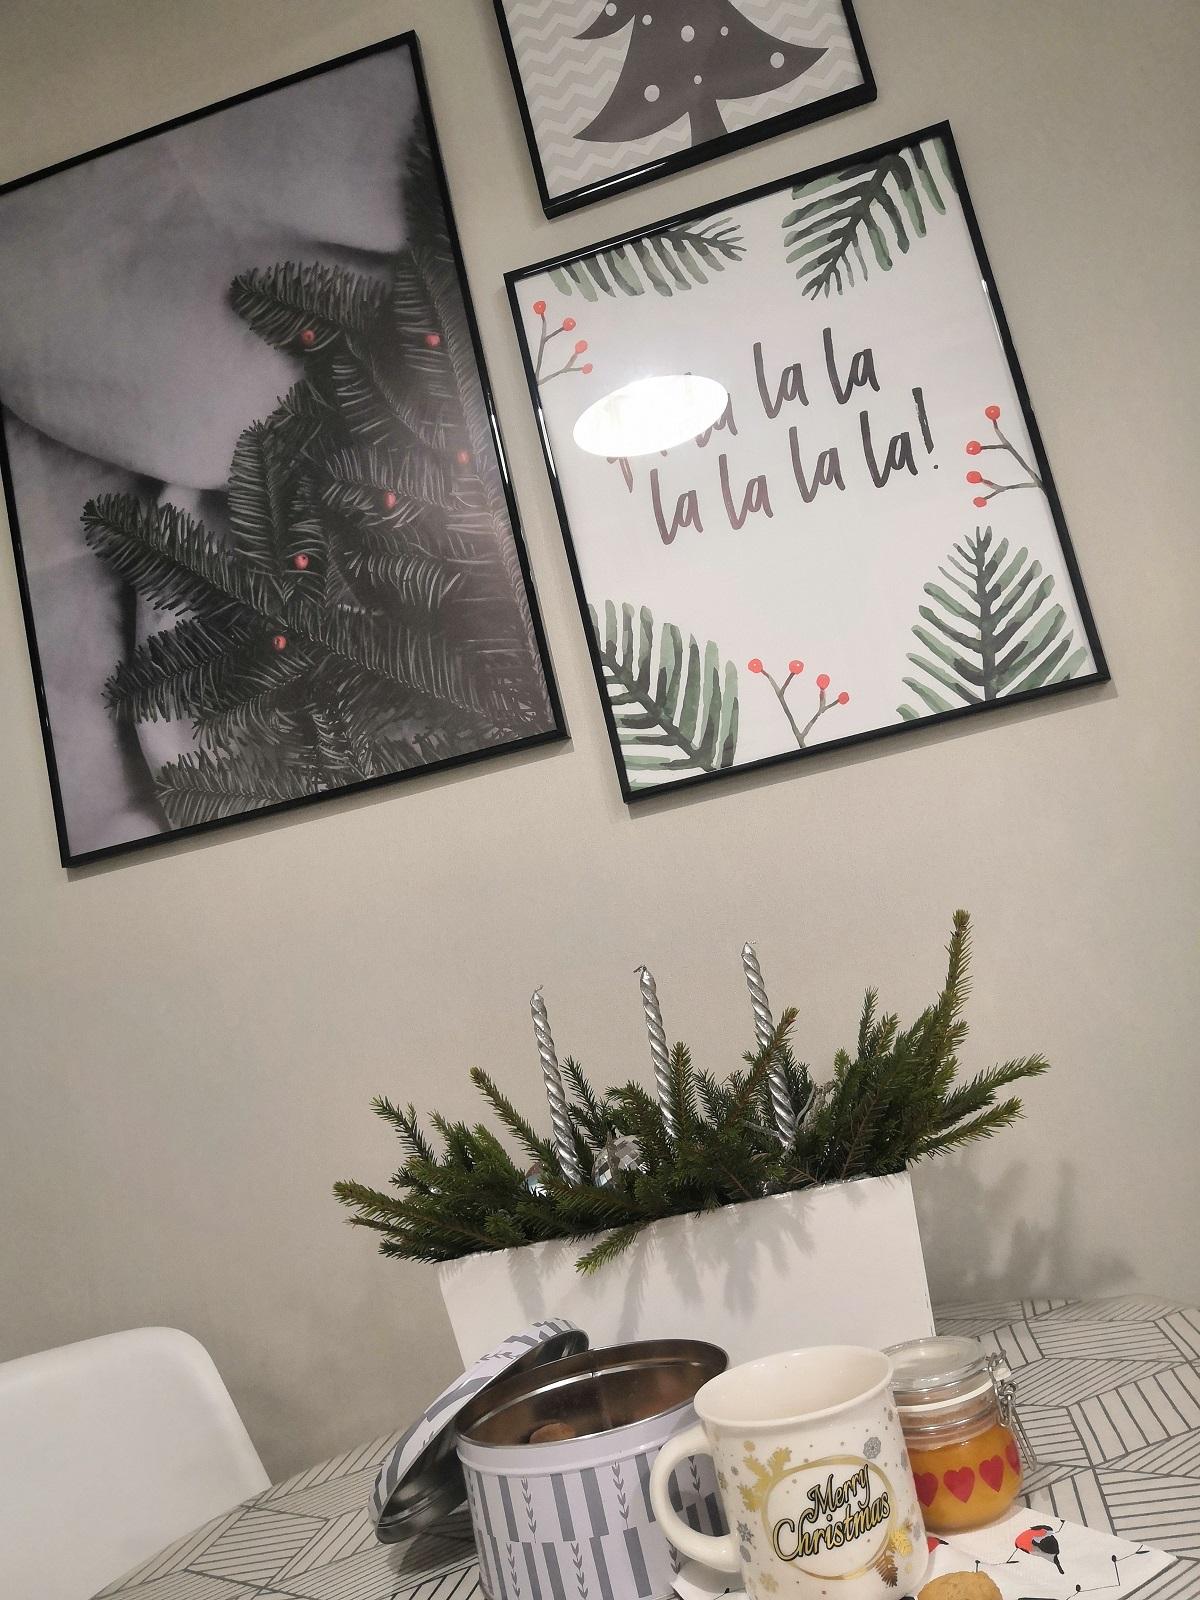 фото:Постеры под настроение)))) Любимая плитка. Удобный кран.